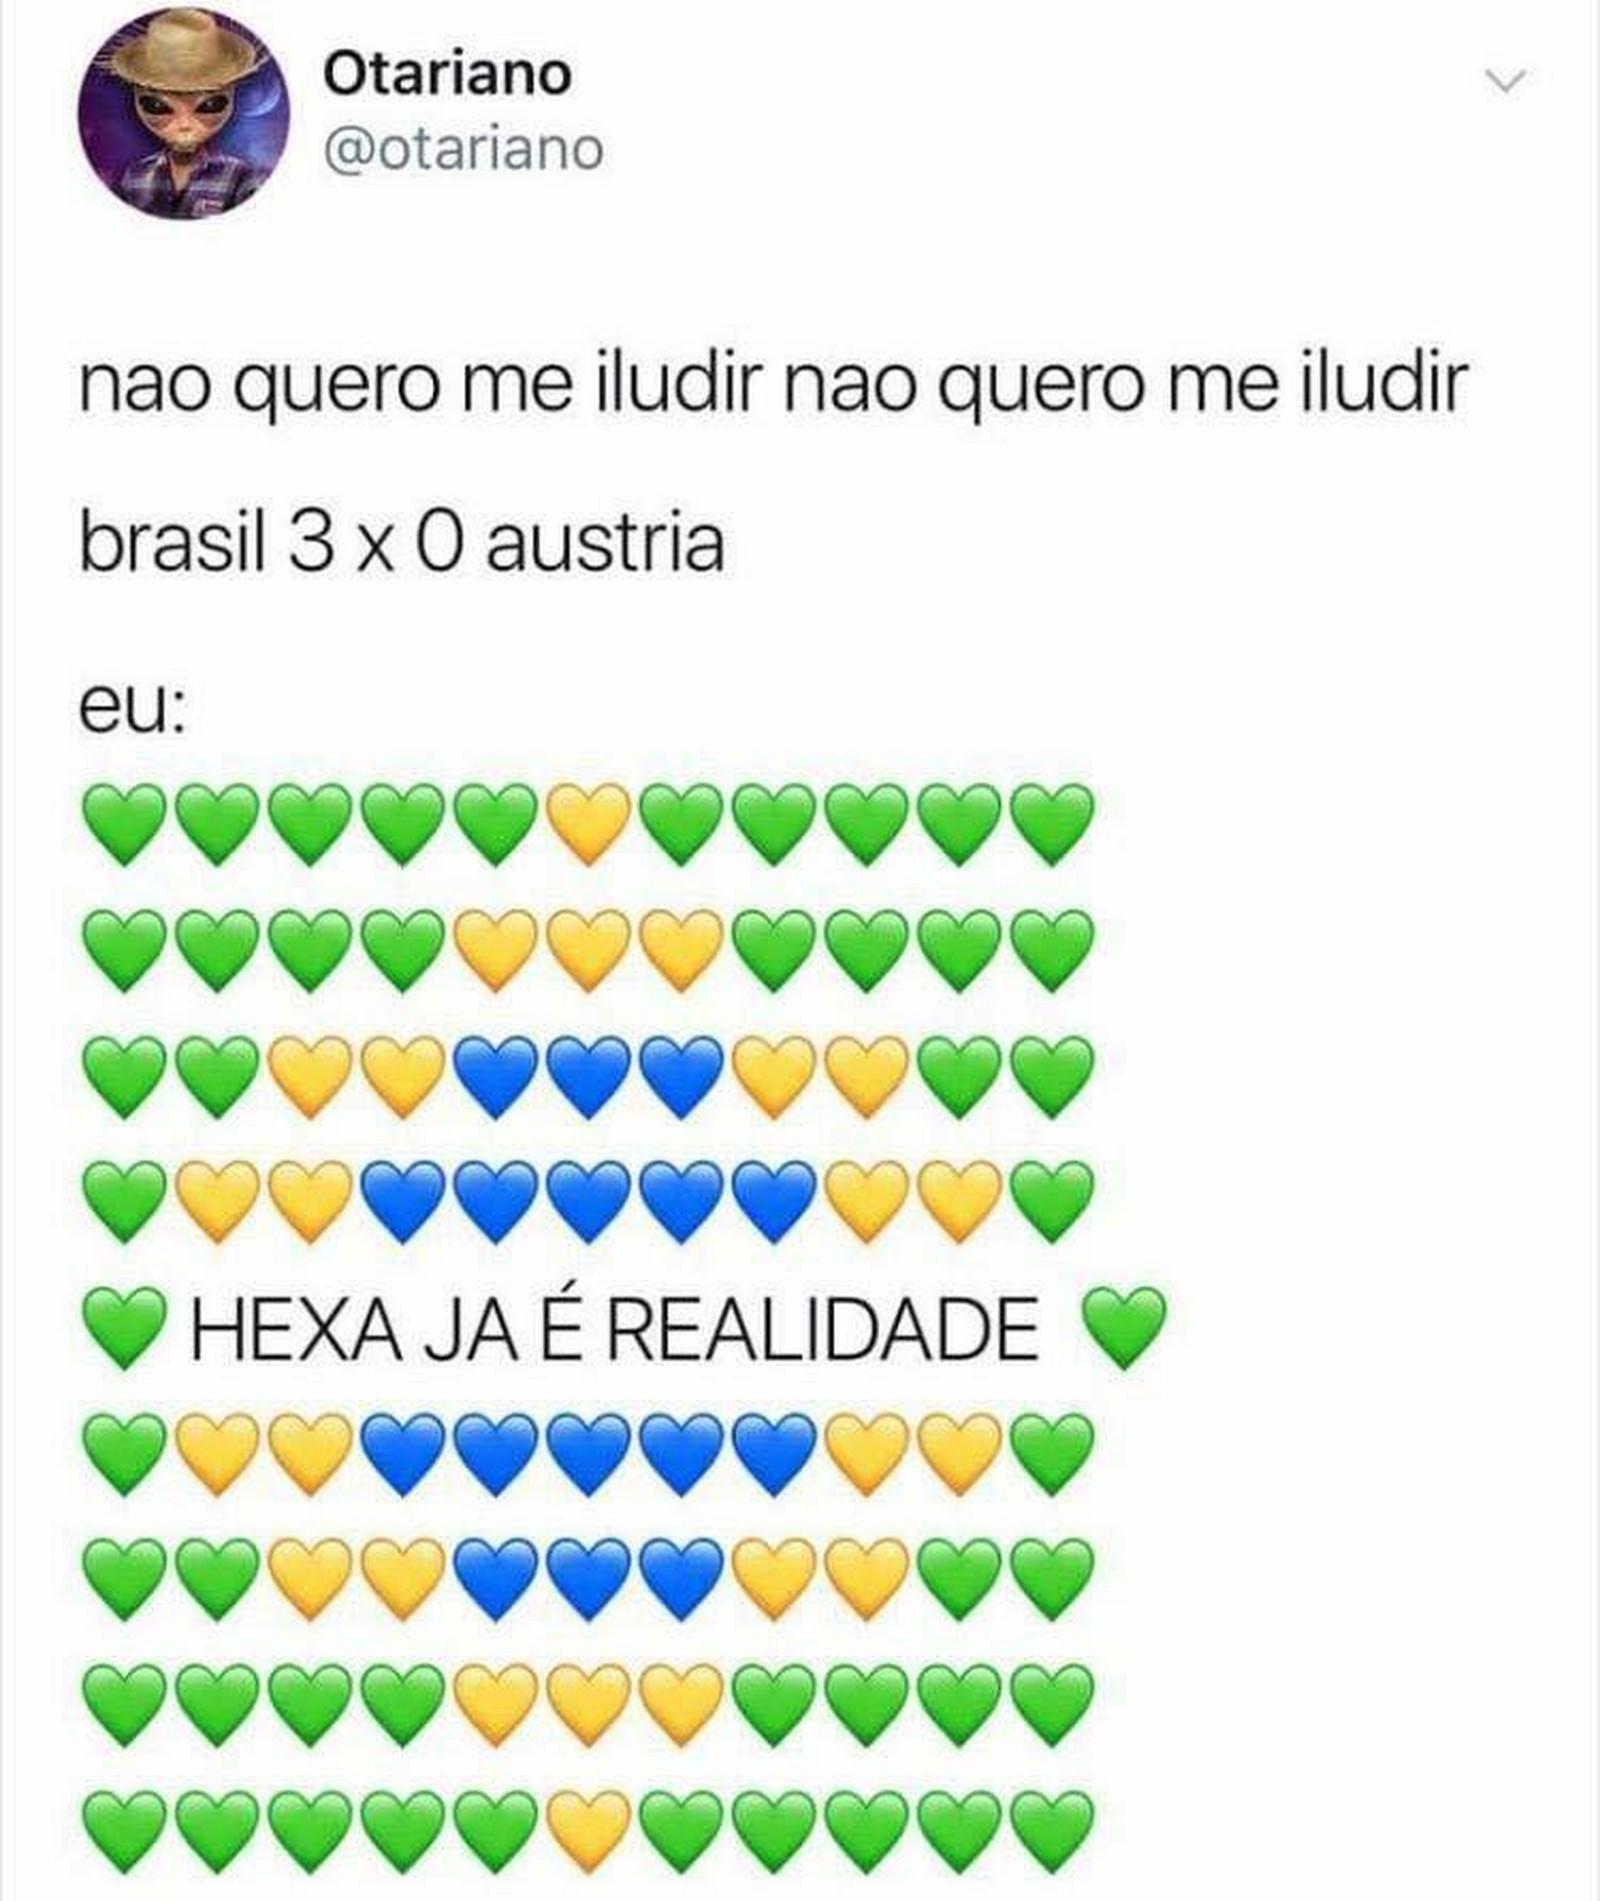 copa do mundo, brasil